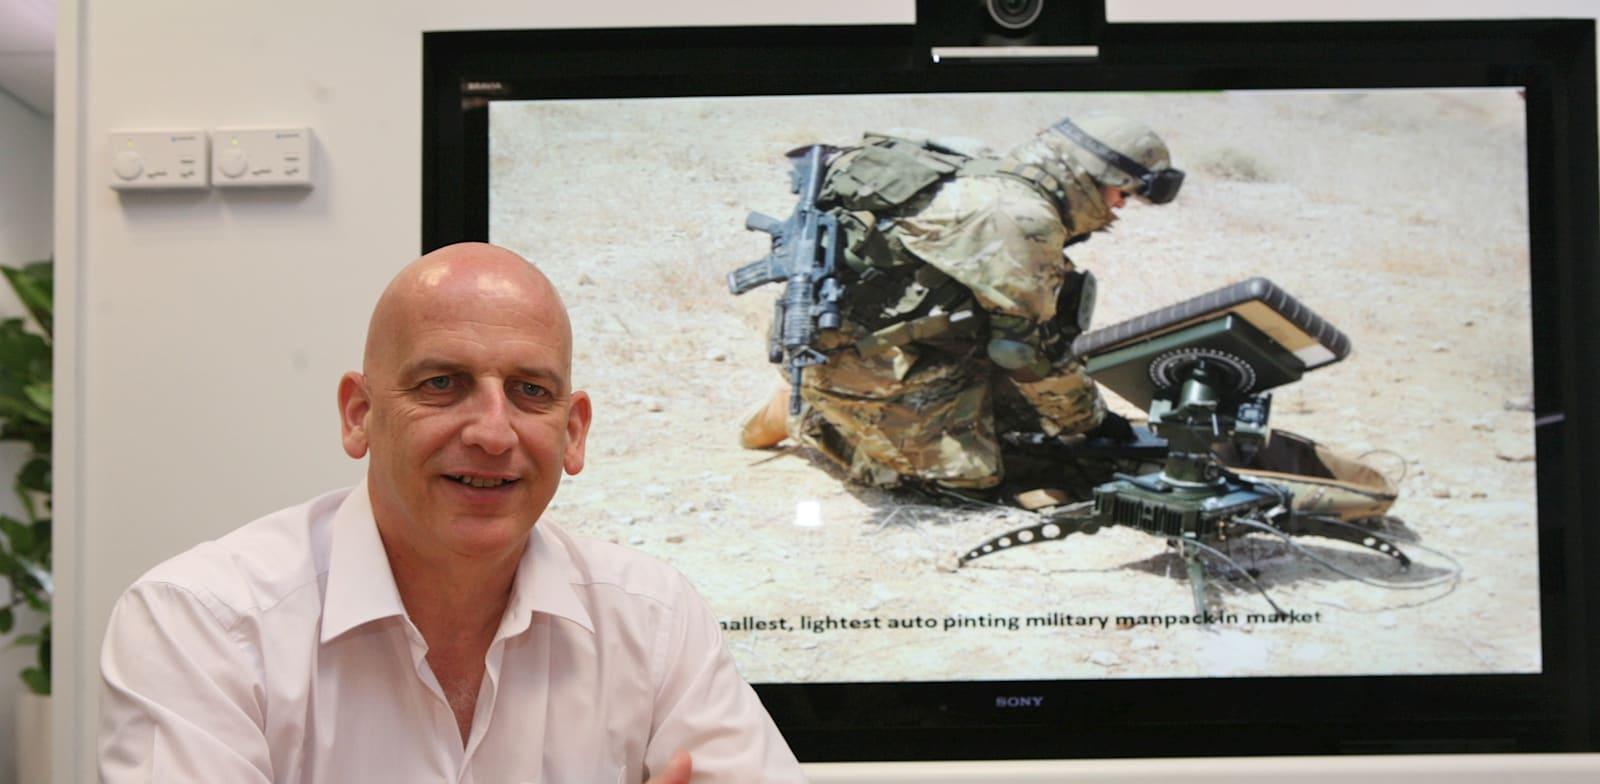 ארז ענתבי, נשיא אלוט תקשורת / צילום: עינת לברון